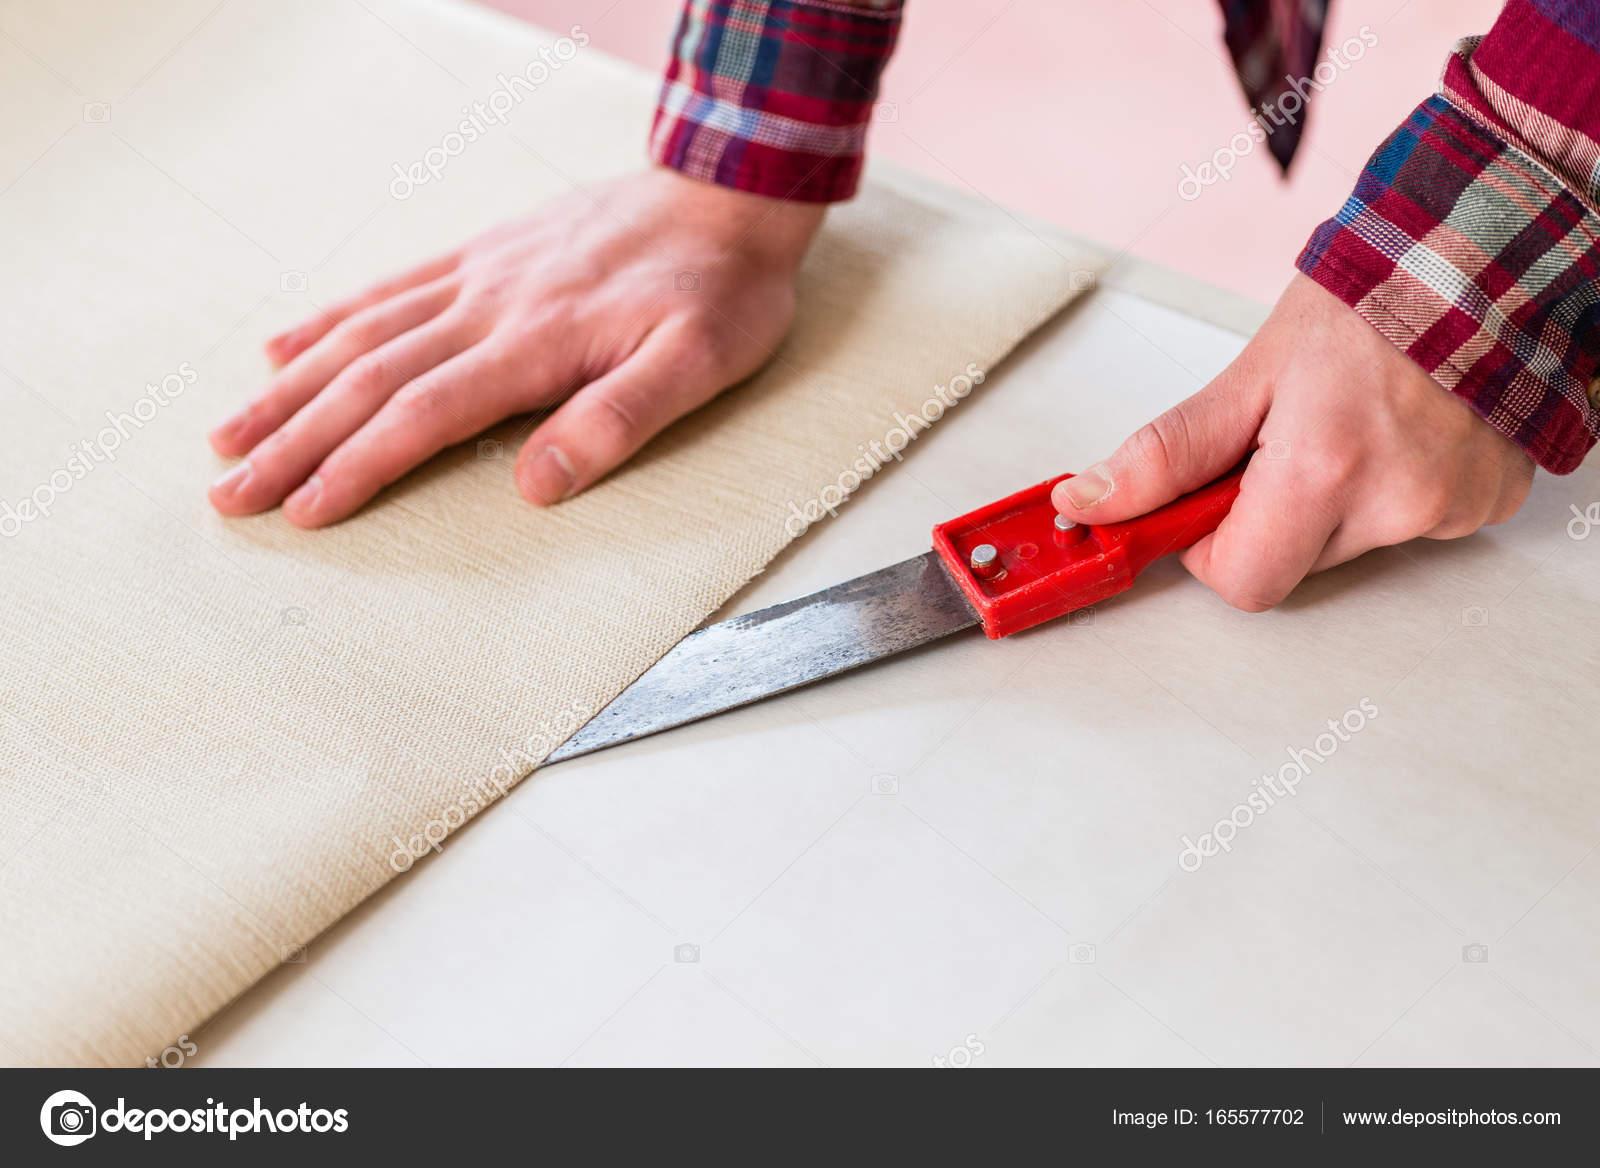 nahaufnahme von den händen eines mannes schneiden eine neue tapete